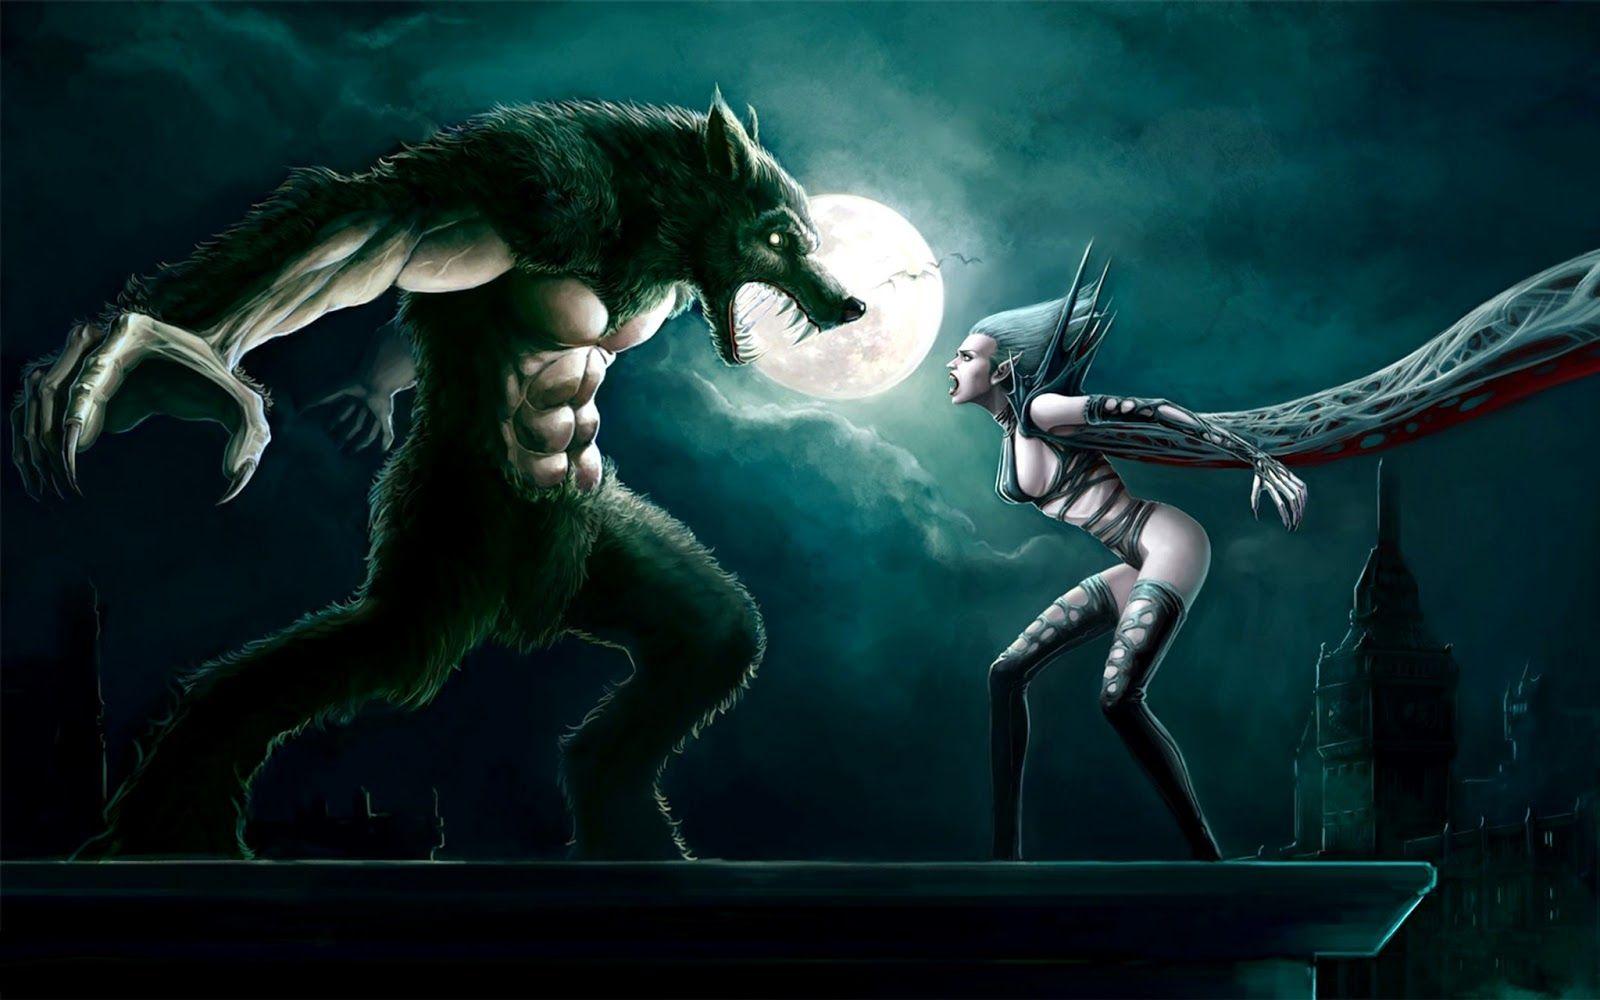 Werewolf Vs Vampire Werewolf Art Dark Creatures